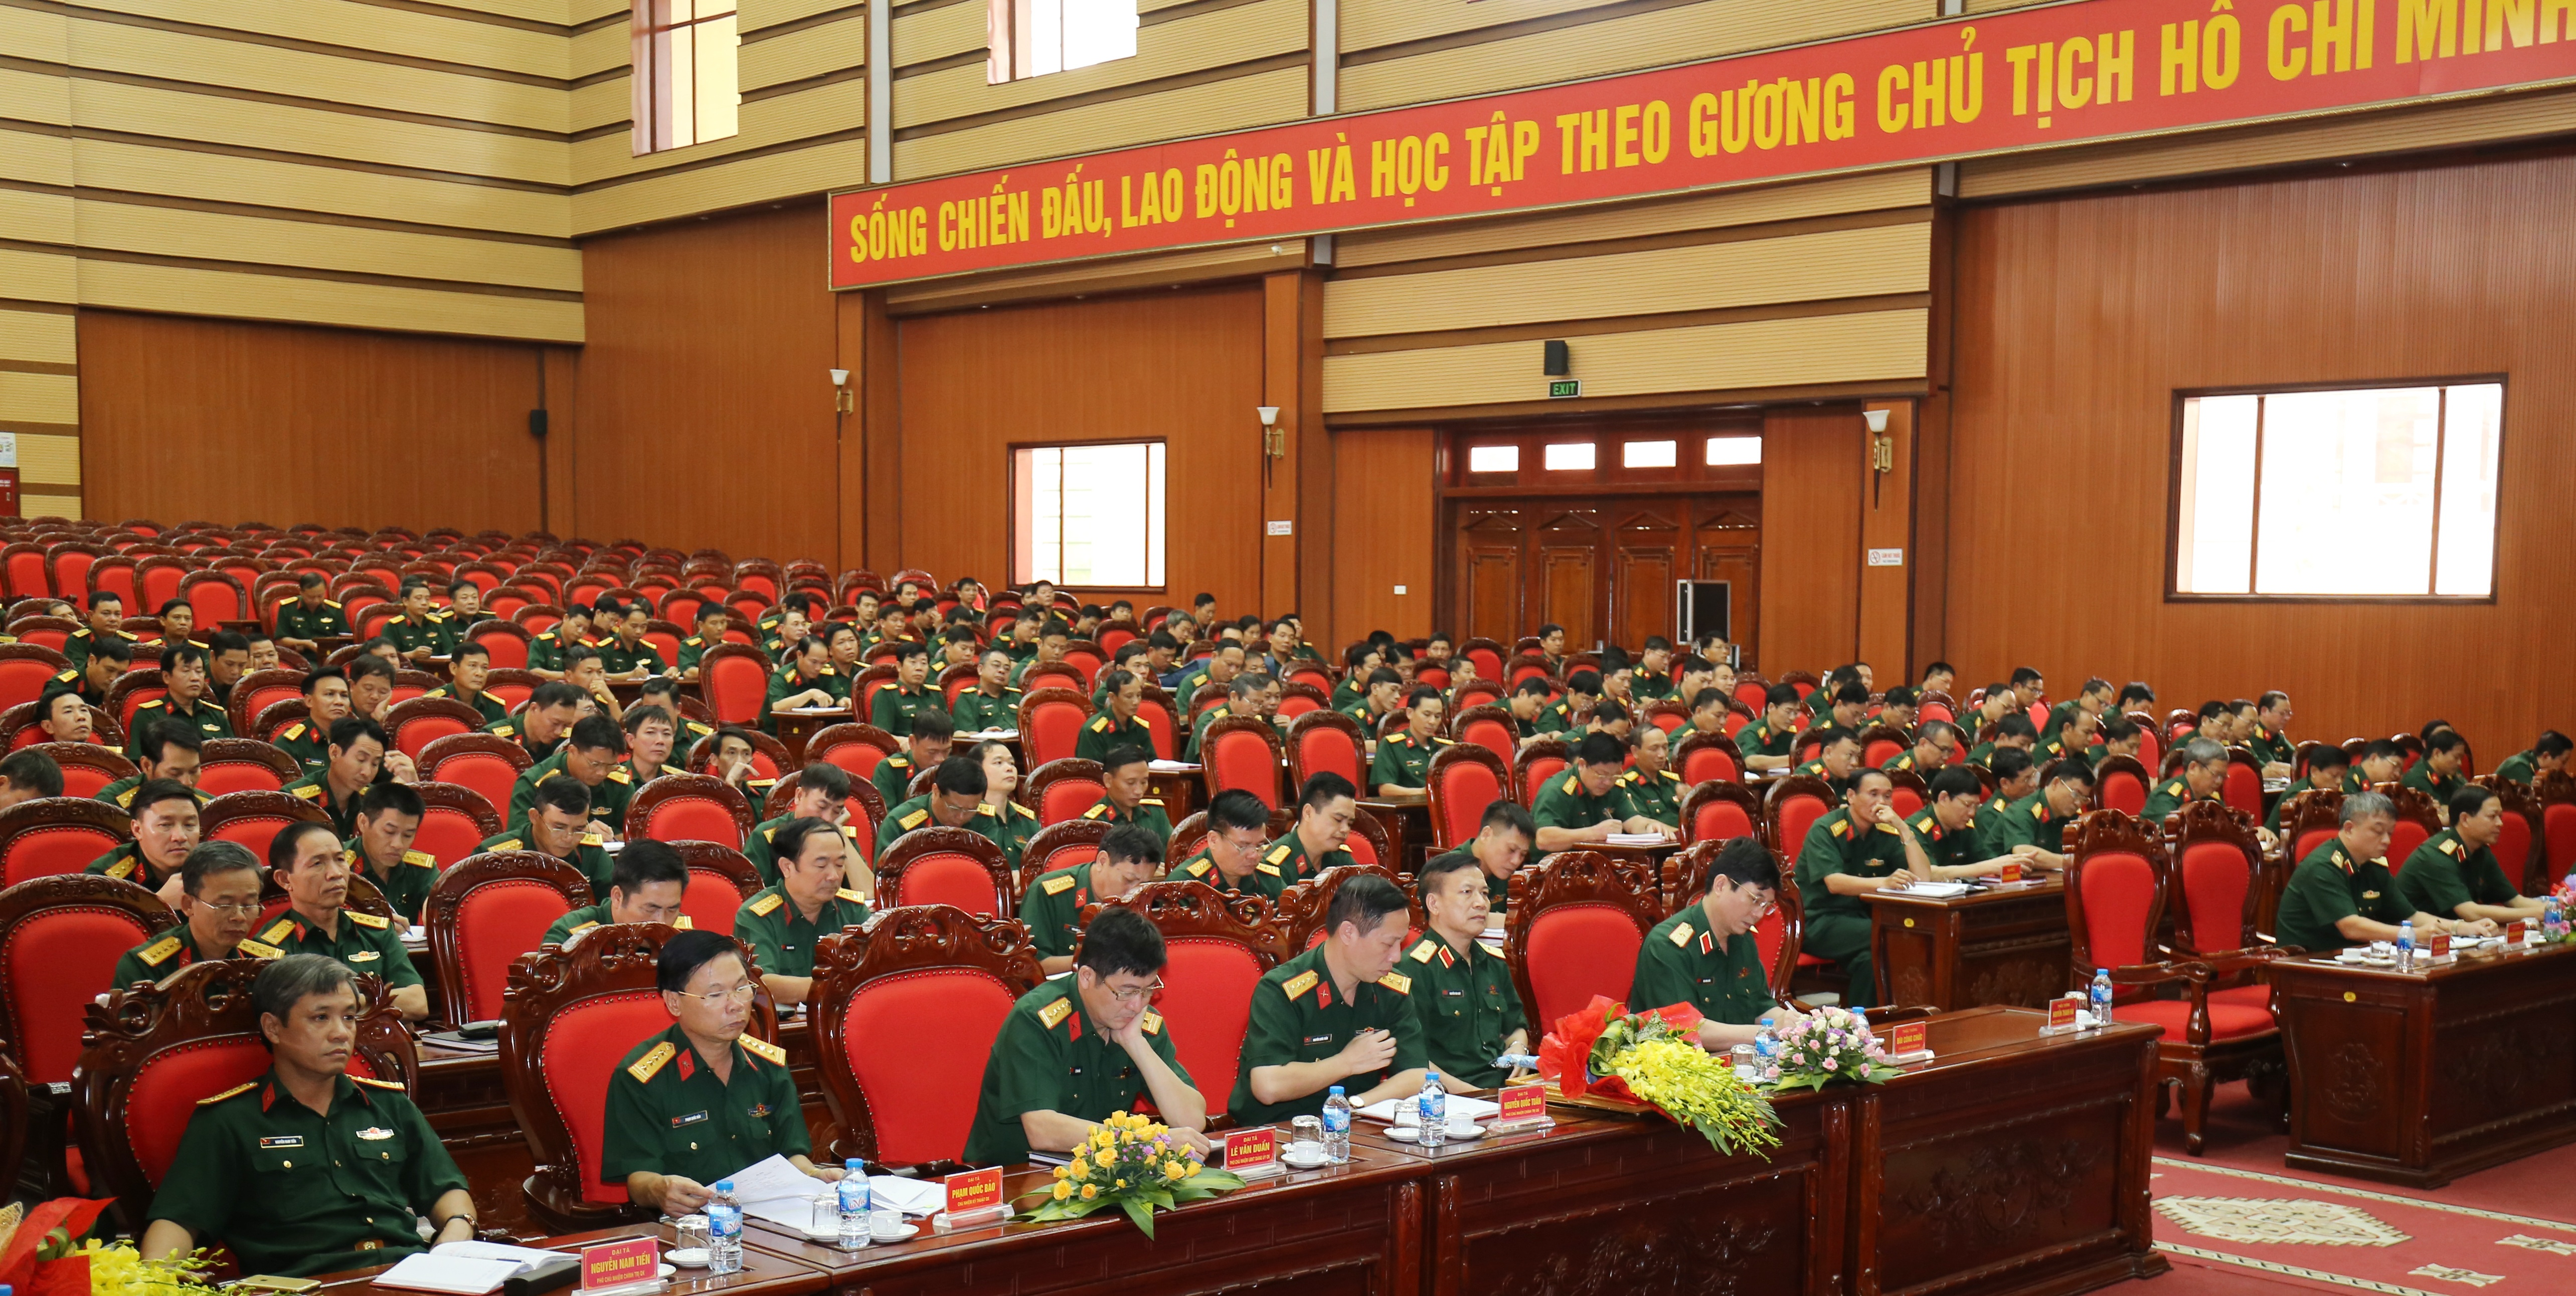 Quân khu 3: Chủ động xây dựng chương trình hành động thực hiện các nghị quyết, kết luận của Hội nghị TƯ 8 khóa XII